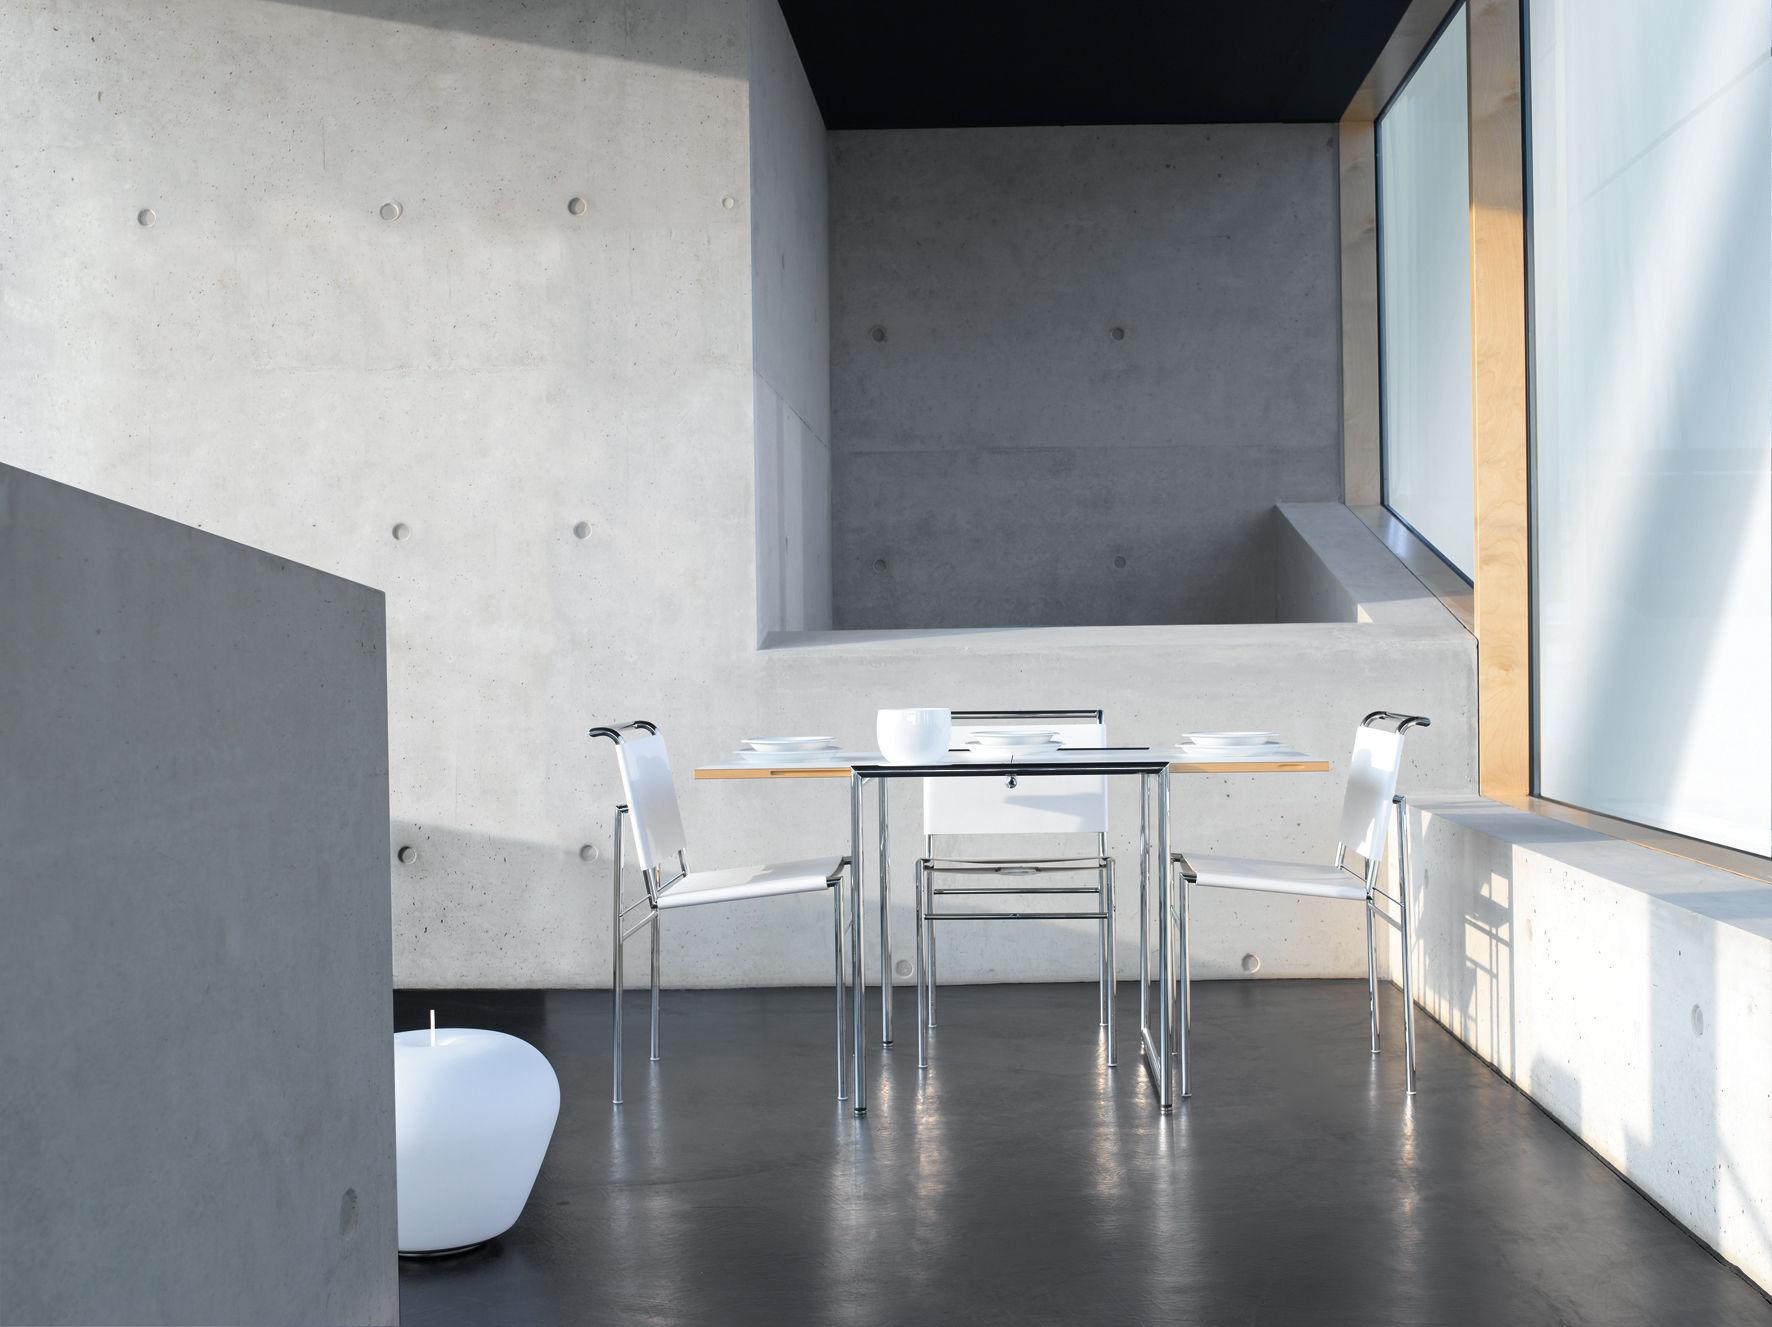 Bureau jean classicon blanc hêtre acier l l h